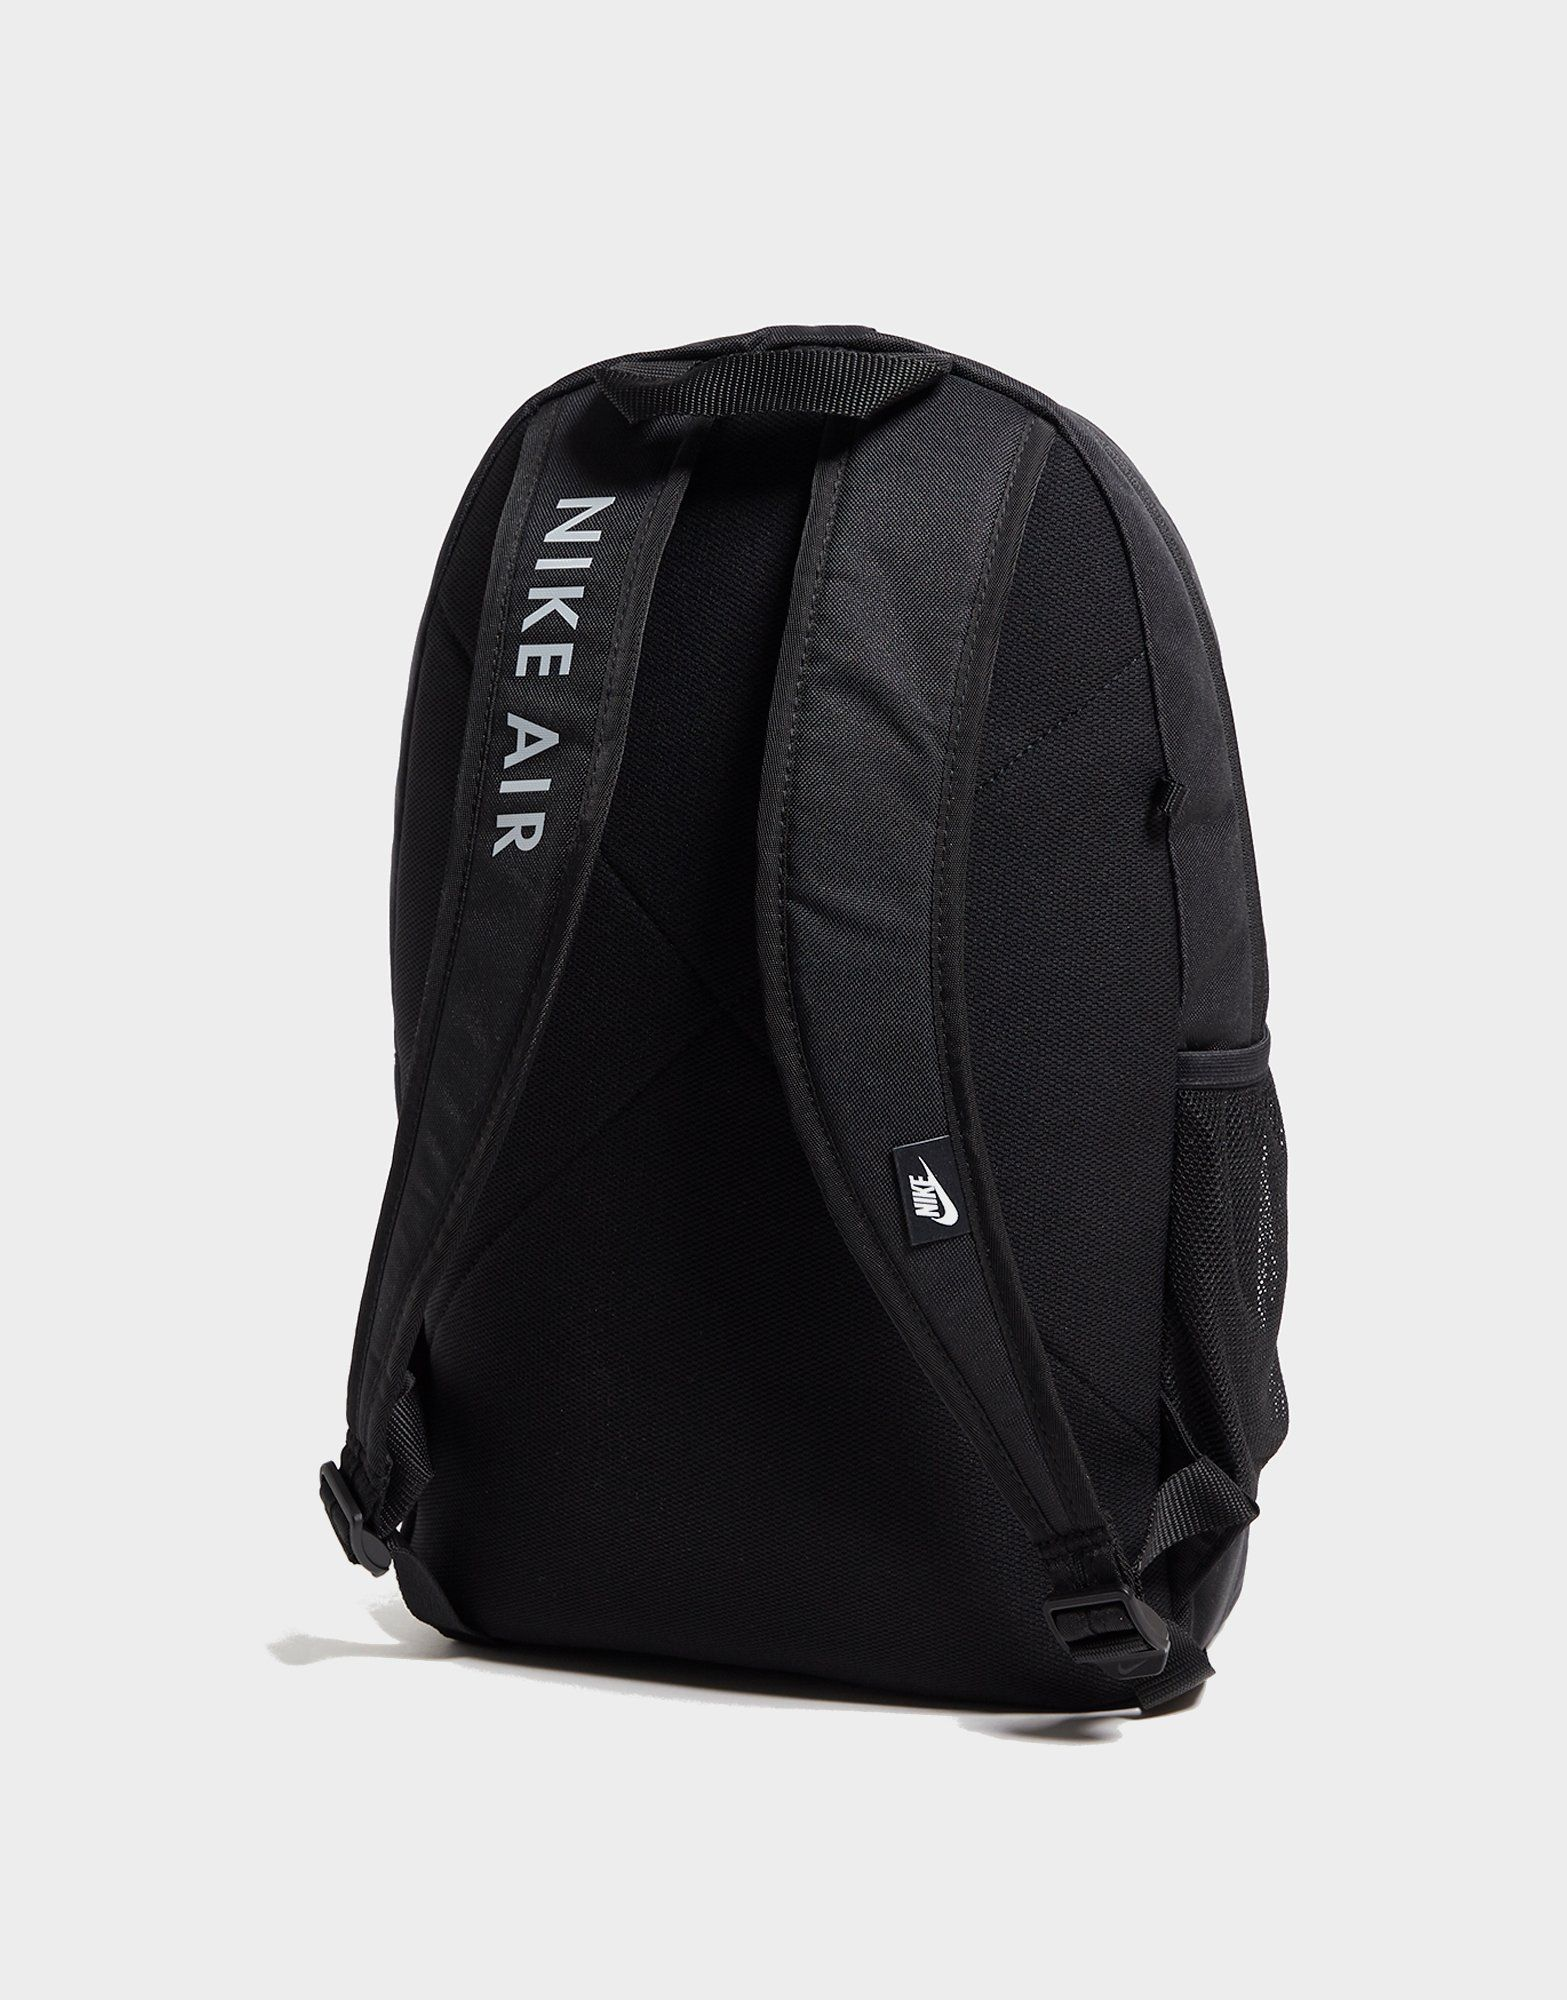 Nike Elemental Backpack